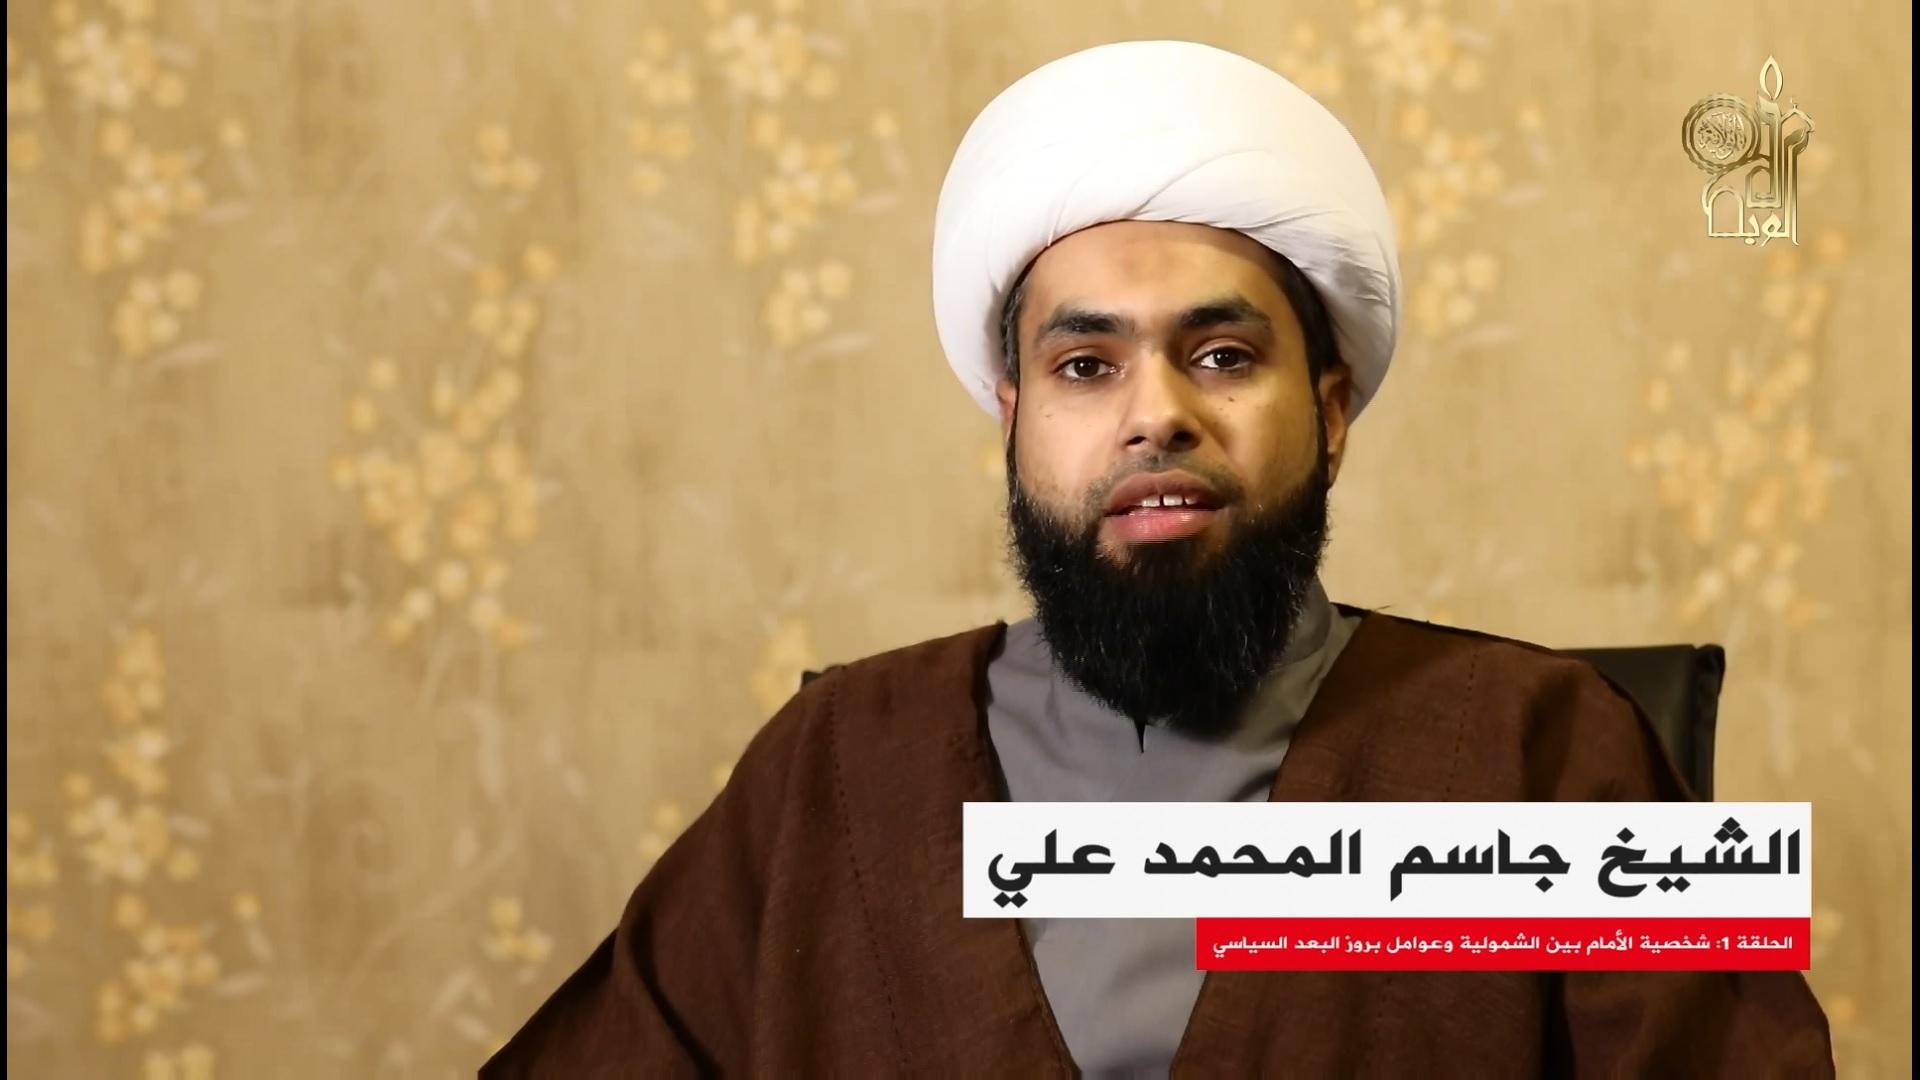 سماحة الشيخ المحمد علي الحجازي : شخصية الإمام بين الشمولية وعوامل بروز البعد السياسي